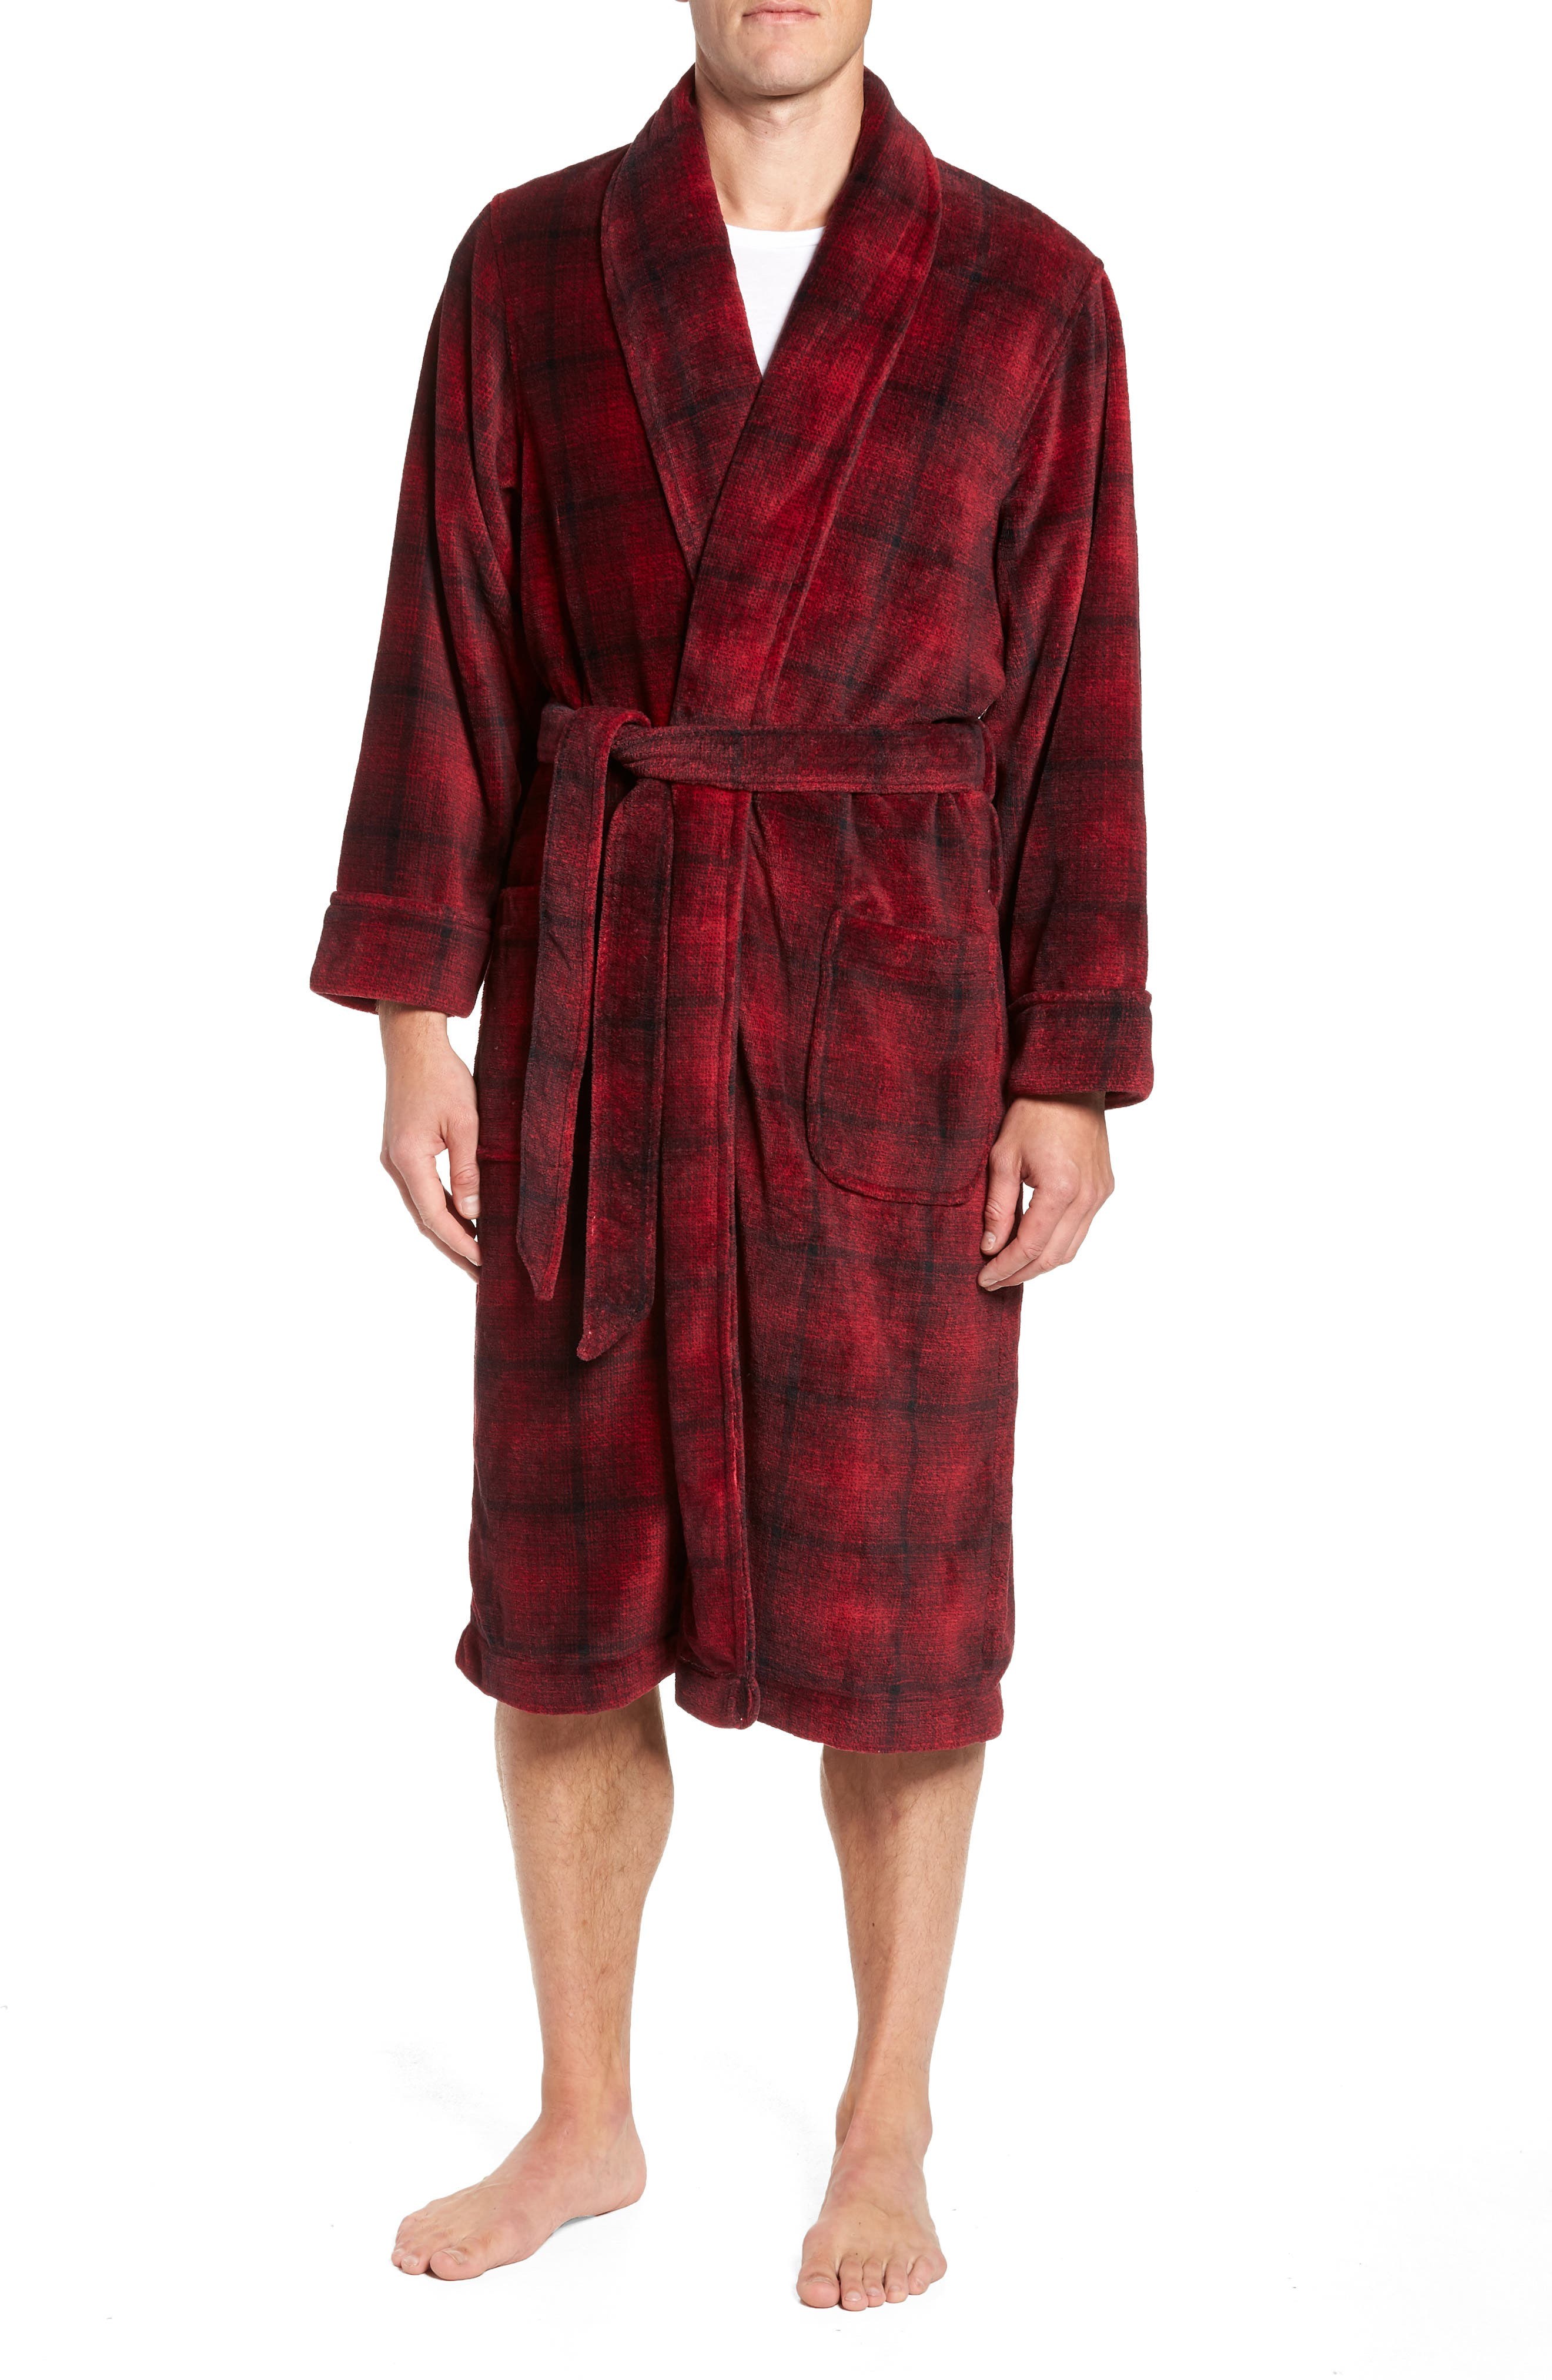 Ombré Plaid Fleece Robe,                             Main thumbnail 1, color,                             RED JESTER- BLACK OMBRE PLAID